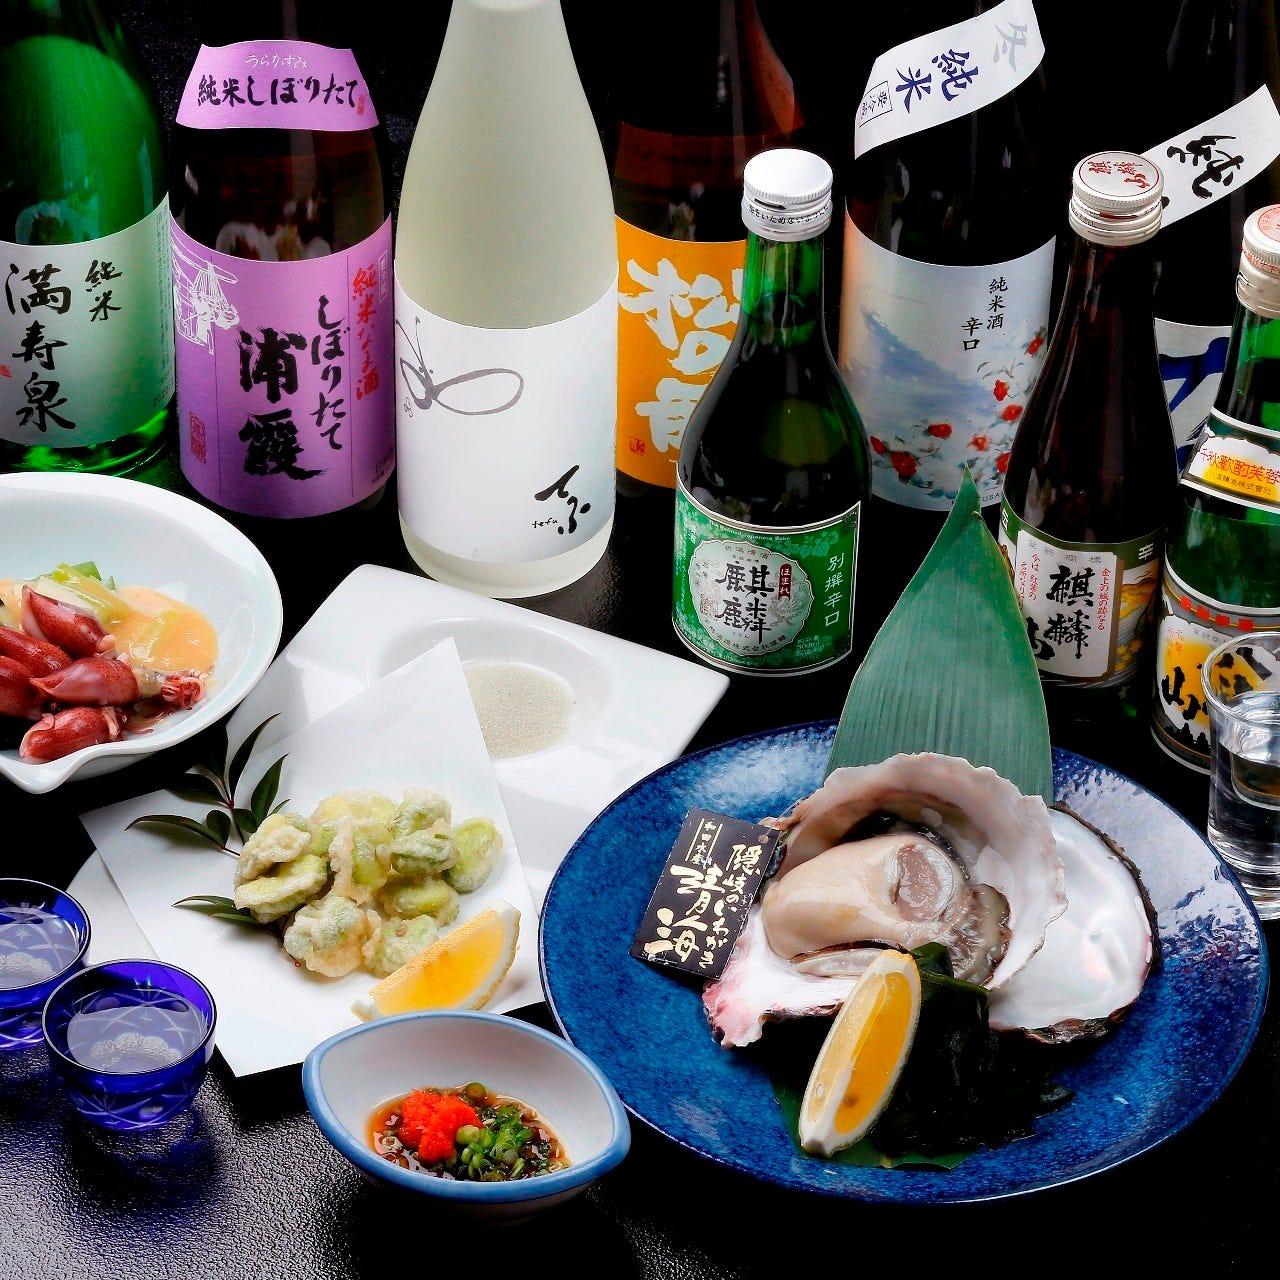 季節ごとに替わる日本酒を楽しむ